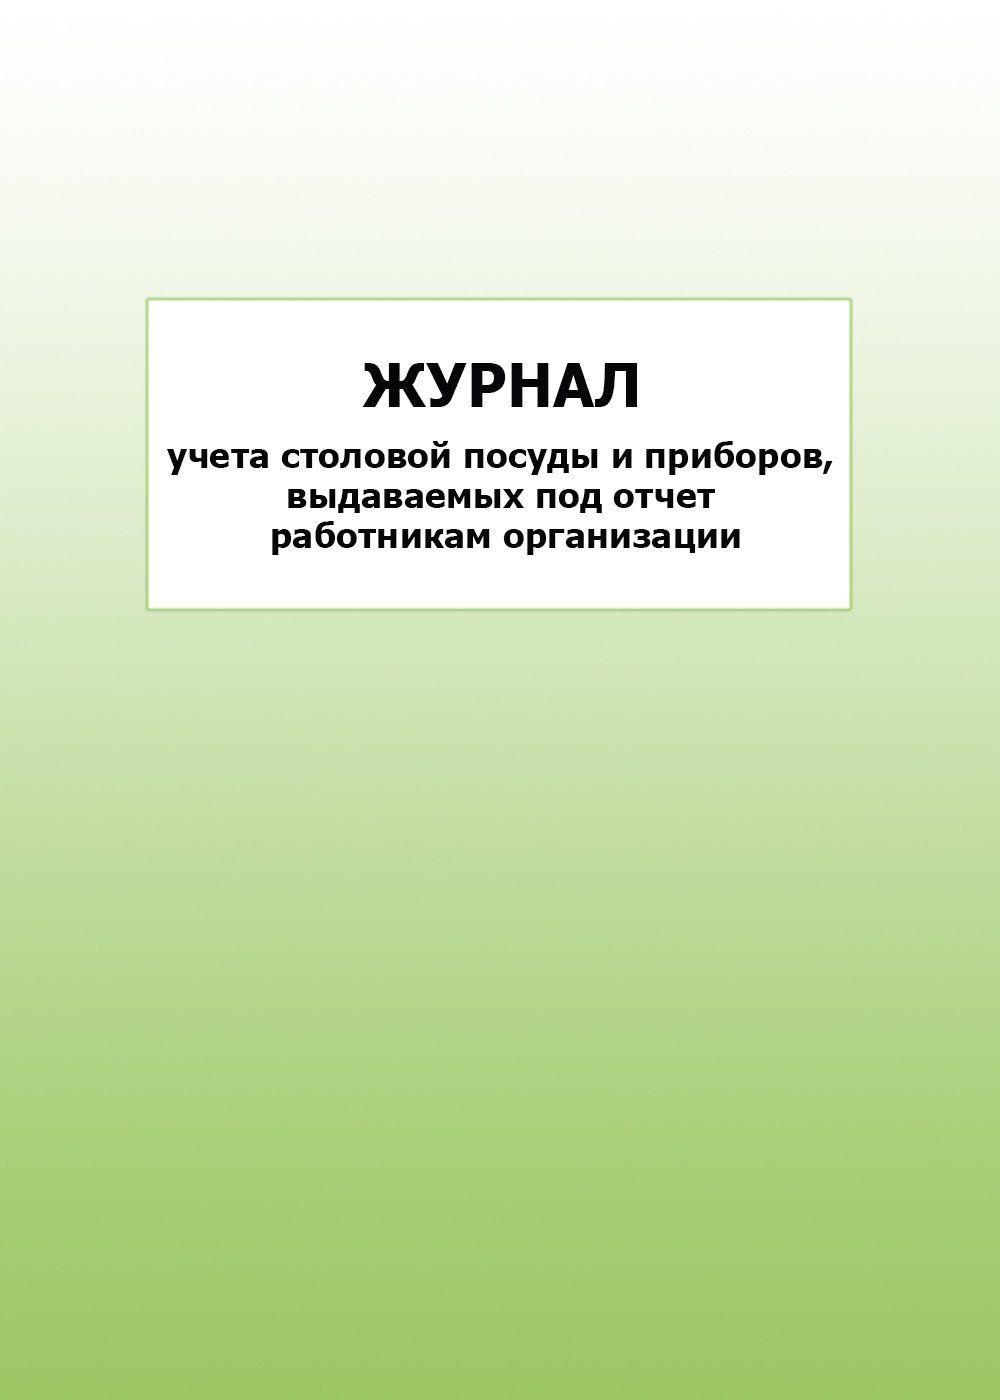 Журнал учета столовой посуды и приборов, выдаваемых под отчет работникам организации: упаковка 100 шт.